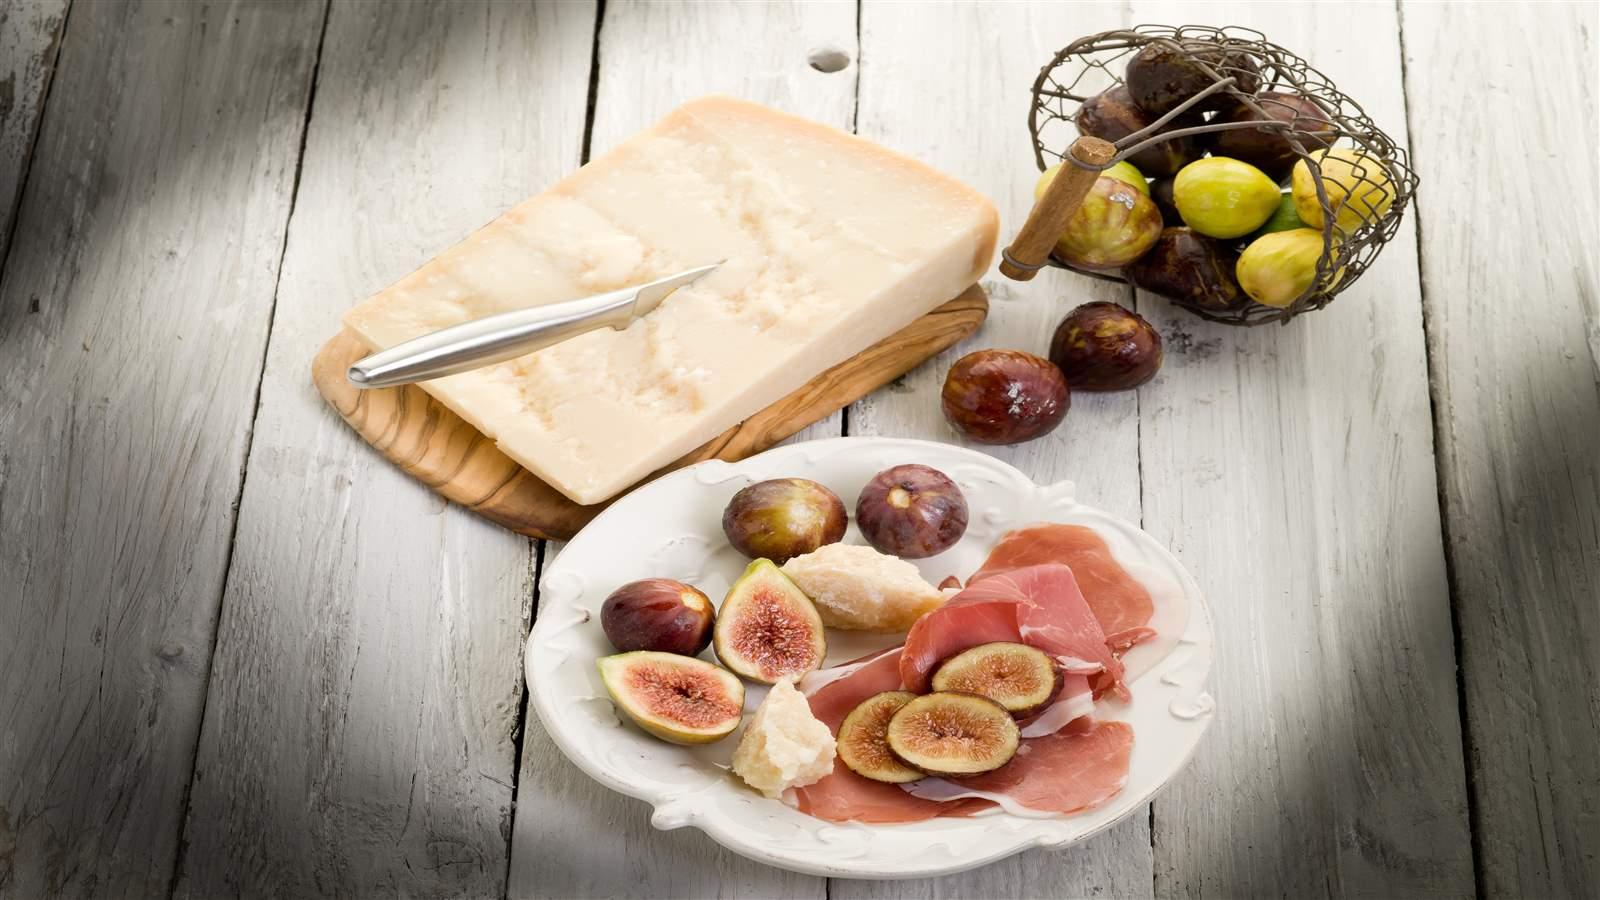 Percorsi enogastronomici parma 3 prodotti food valley travel - Corsi cucina piacenza ...